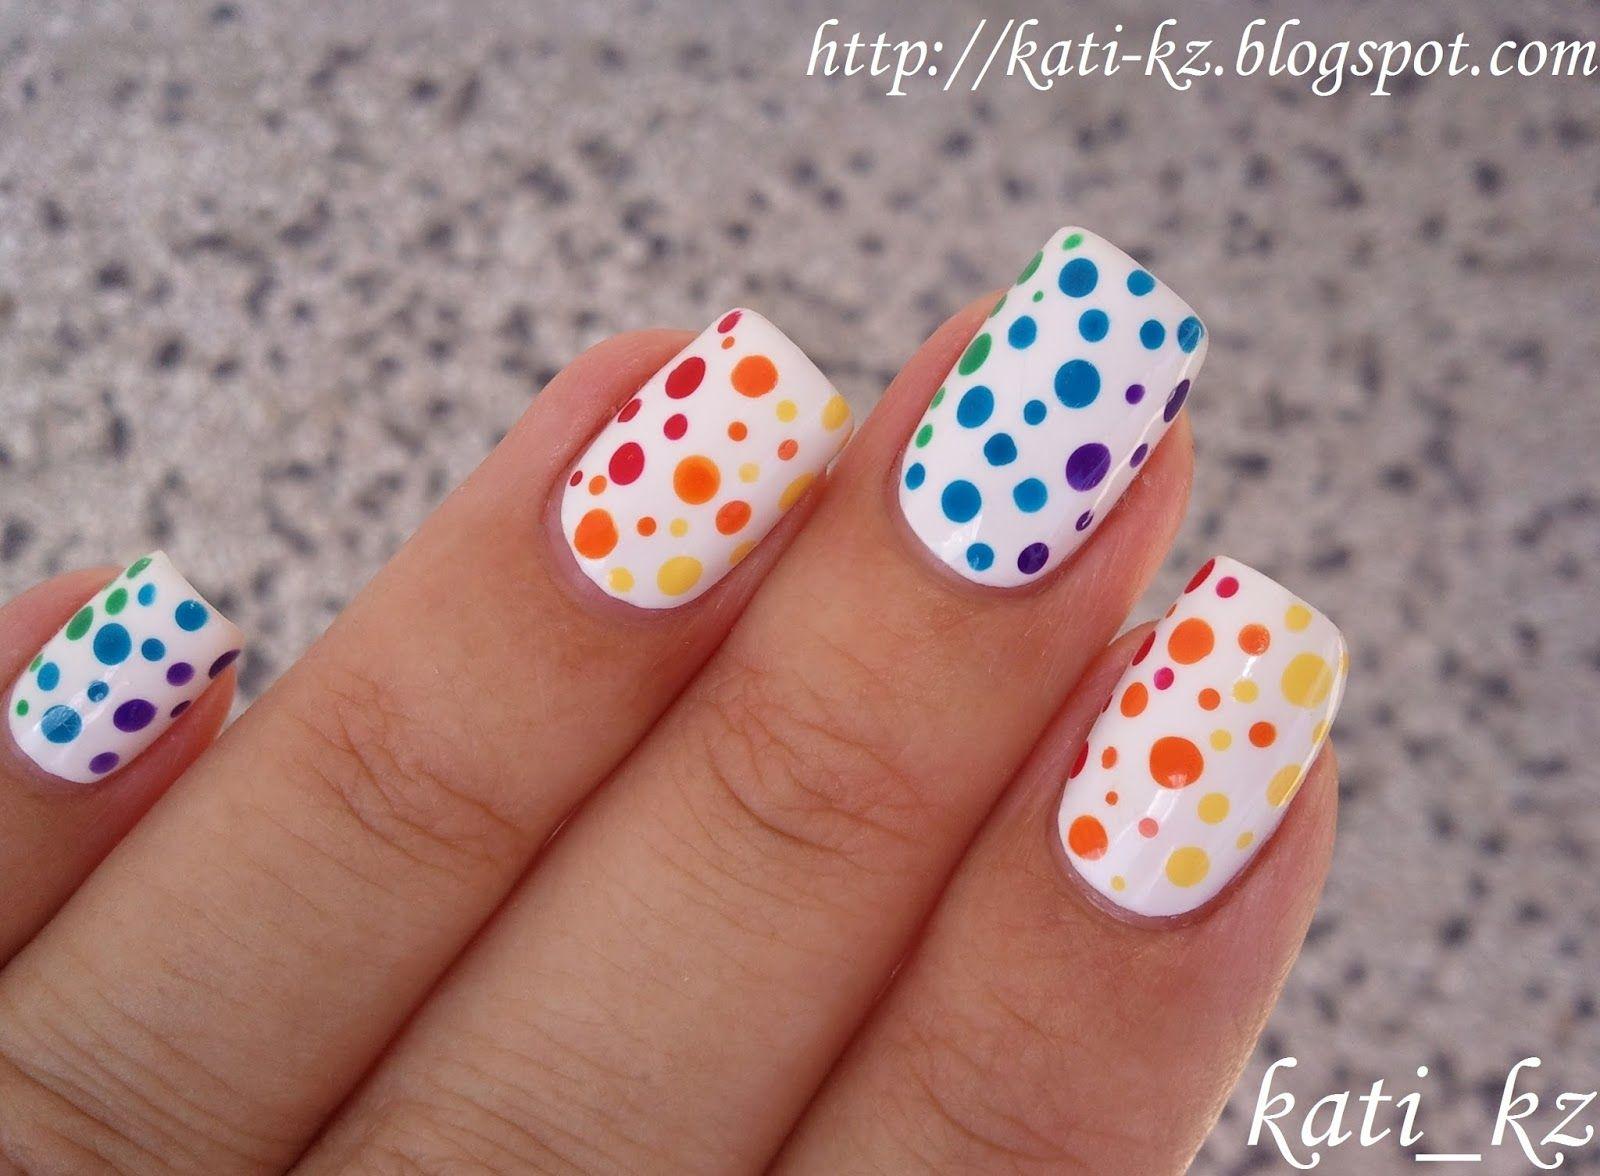 ♥ kati_kz ♥ #nail #nails #nailart